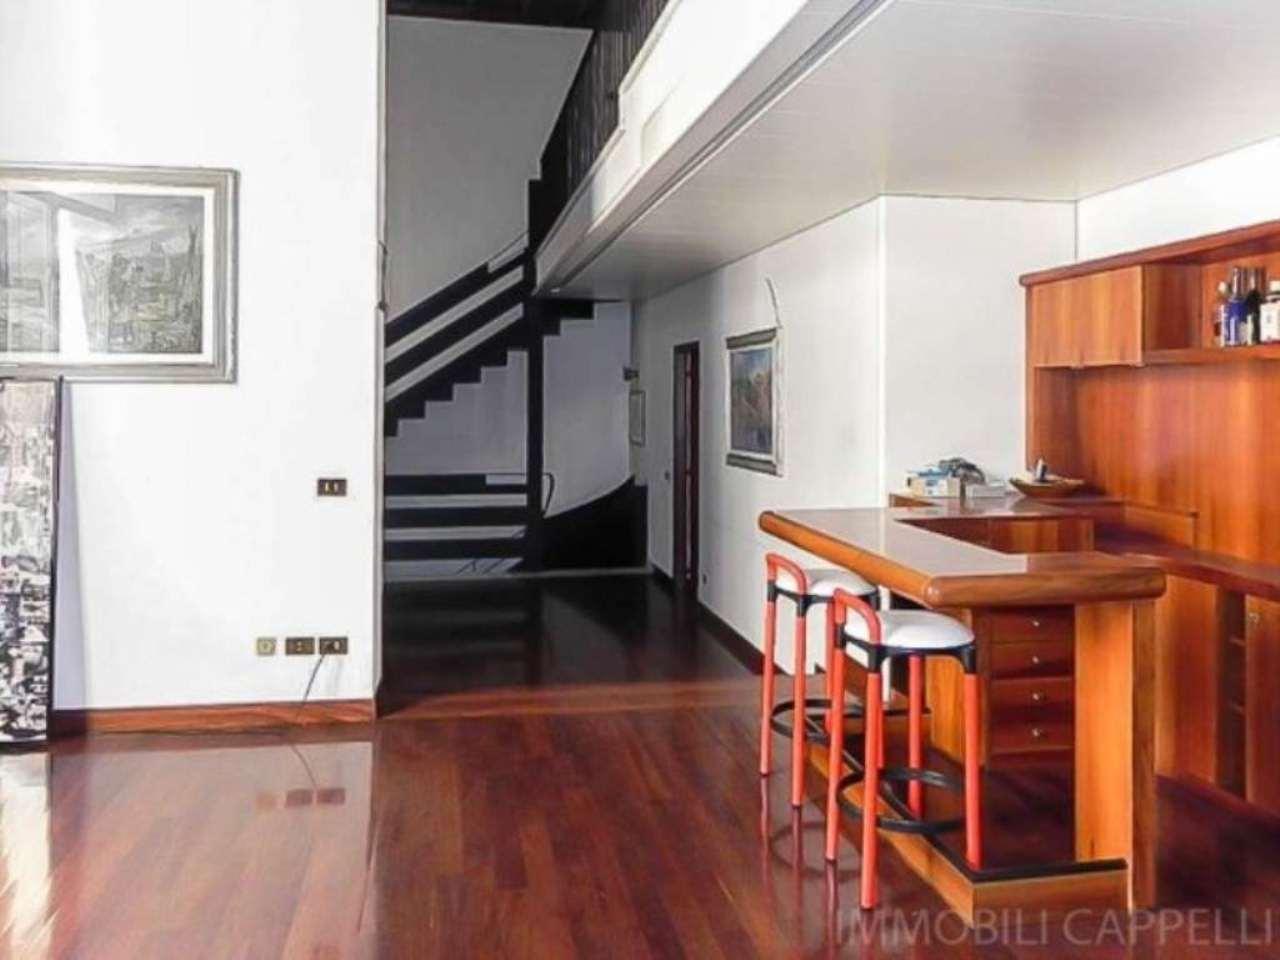 Palazzo / Stabile in vendita a Cesena, 6 locali, Trattative riservate | CambioCasa.it